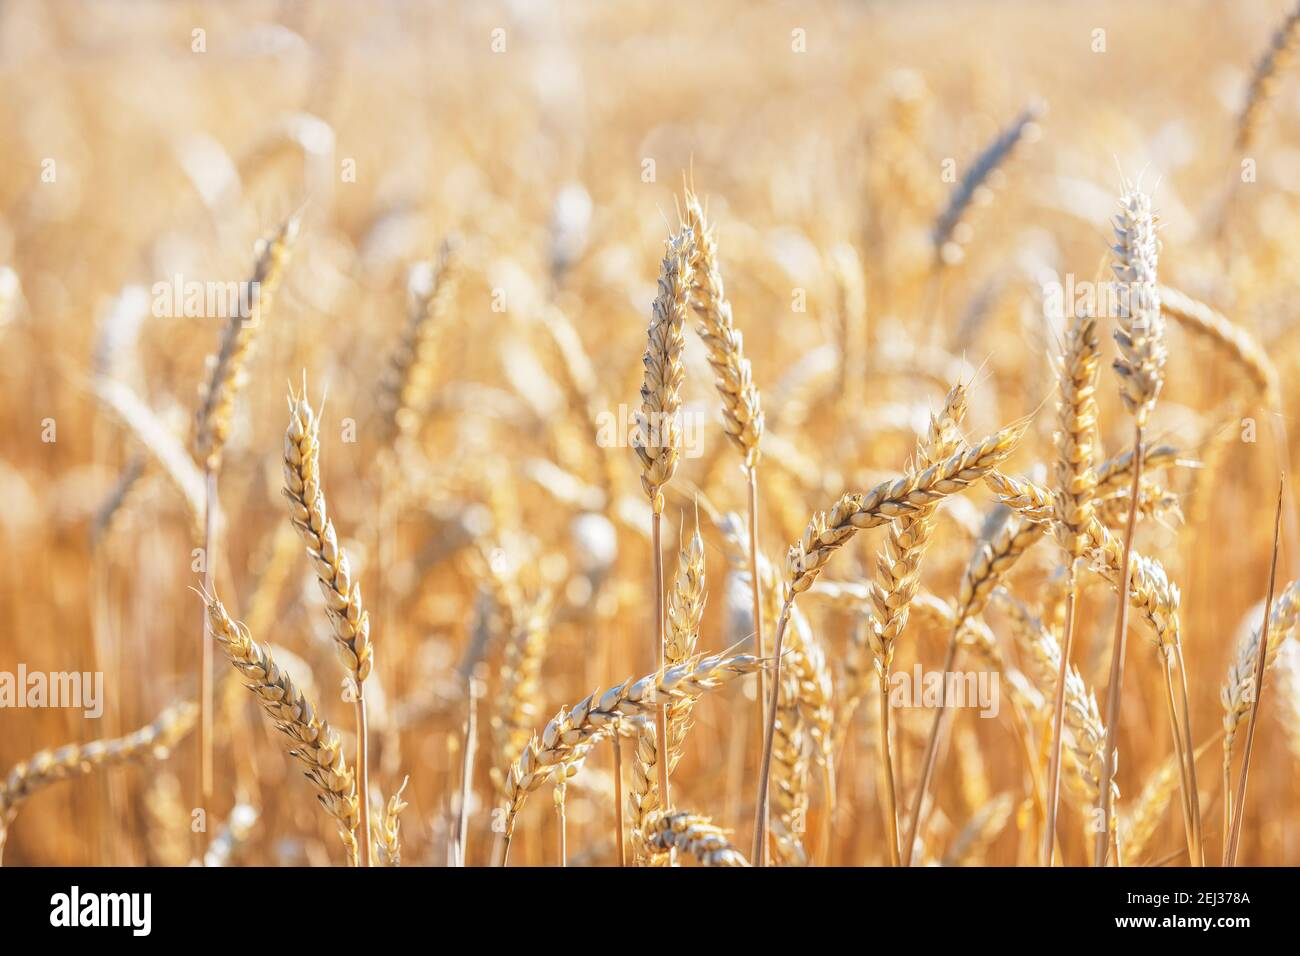 Campo de centeno de trigo, cerca de las orejas de trigo. Concepto de cosecha y cosecha. Cebada madura en el campo a finales del verano por la mañana, luz de fondo del amanecer, shal Foto de stock